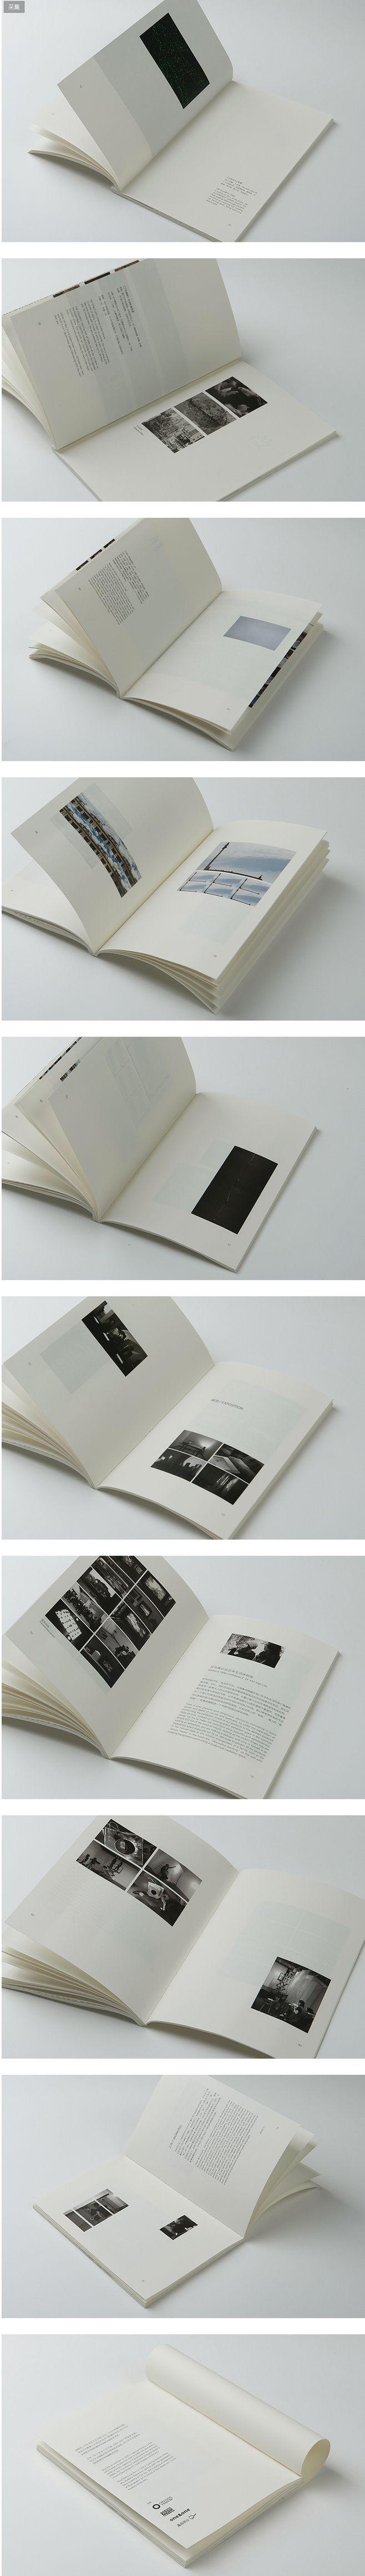 时间标本-画册设计|书装/画册|平面|之...